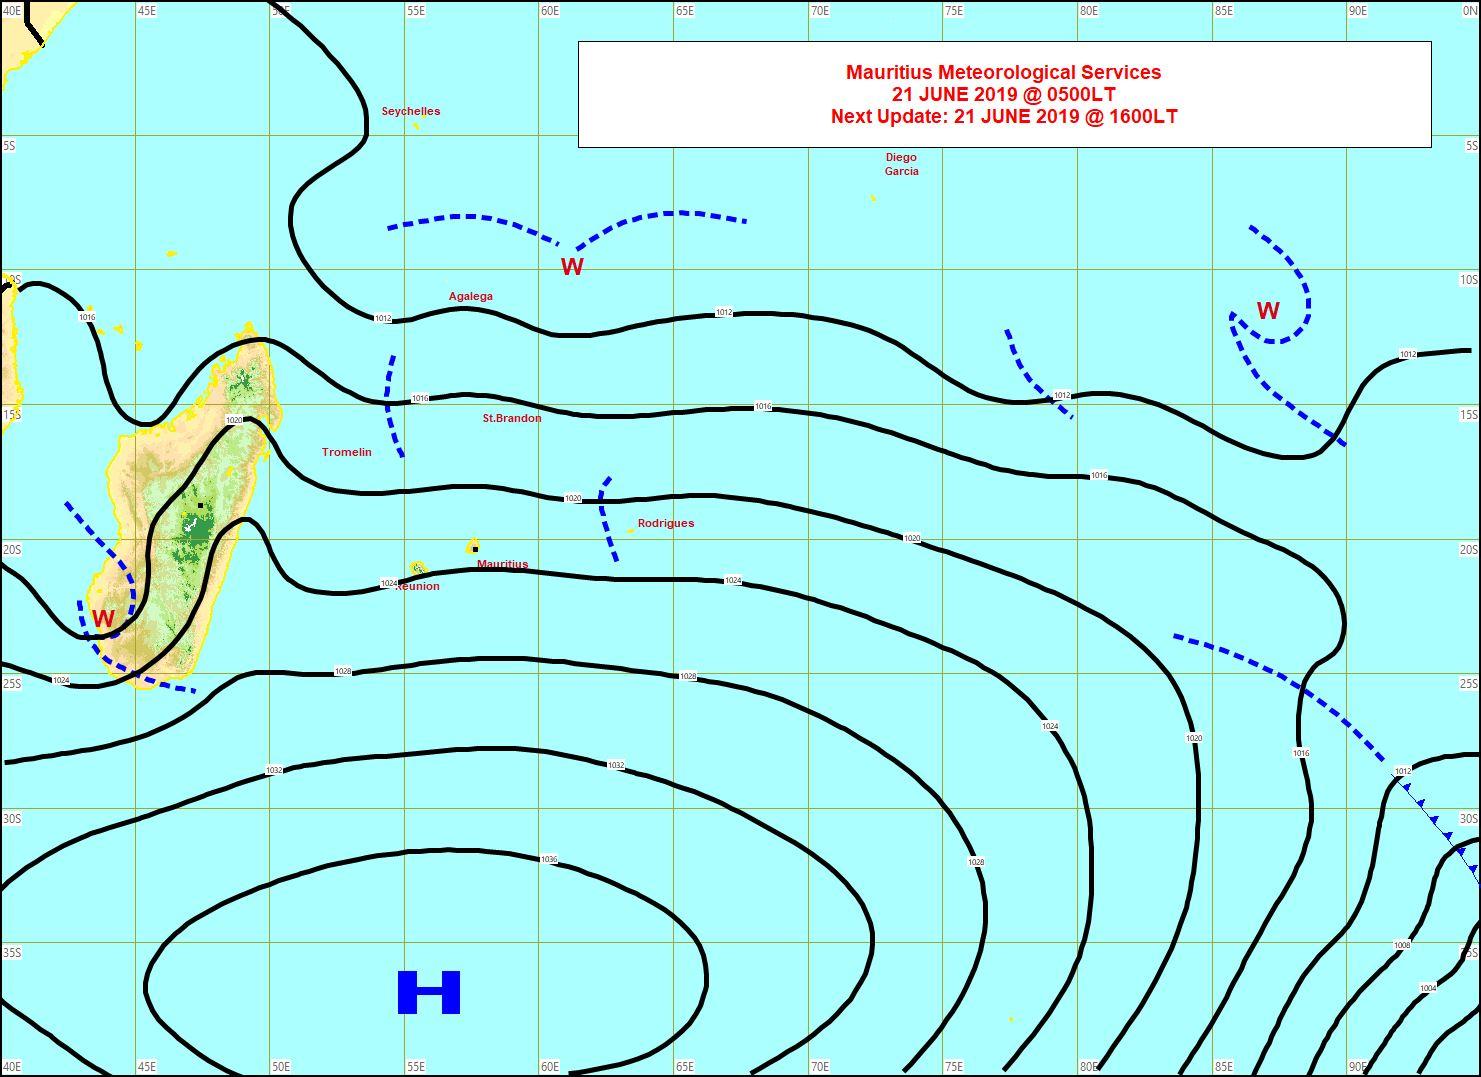 Analyse de la situation de surface tôt ce matin. L'anticyclone(H) est bien ancré au sud des Mascareignes et maintient des alizés soutenus. Toujours de l'instabilité proche d'Agaléga. MMS